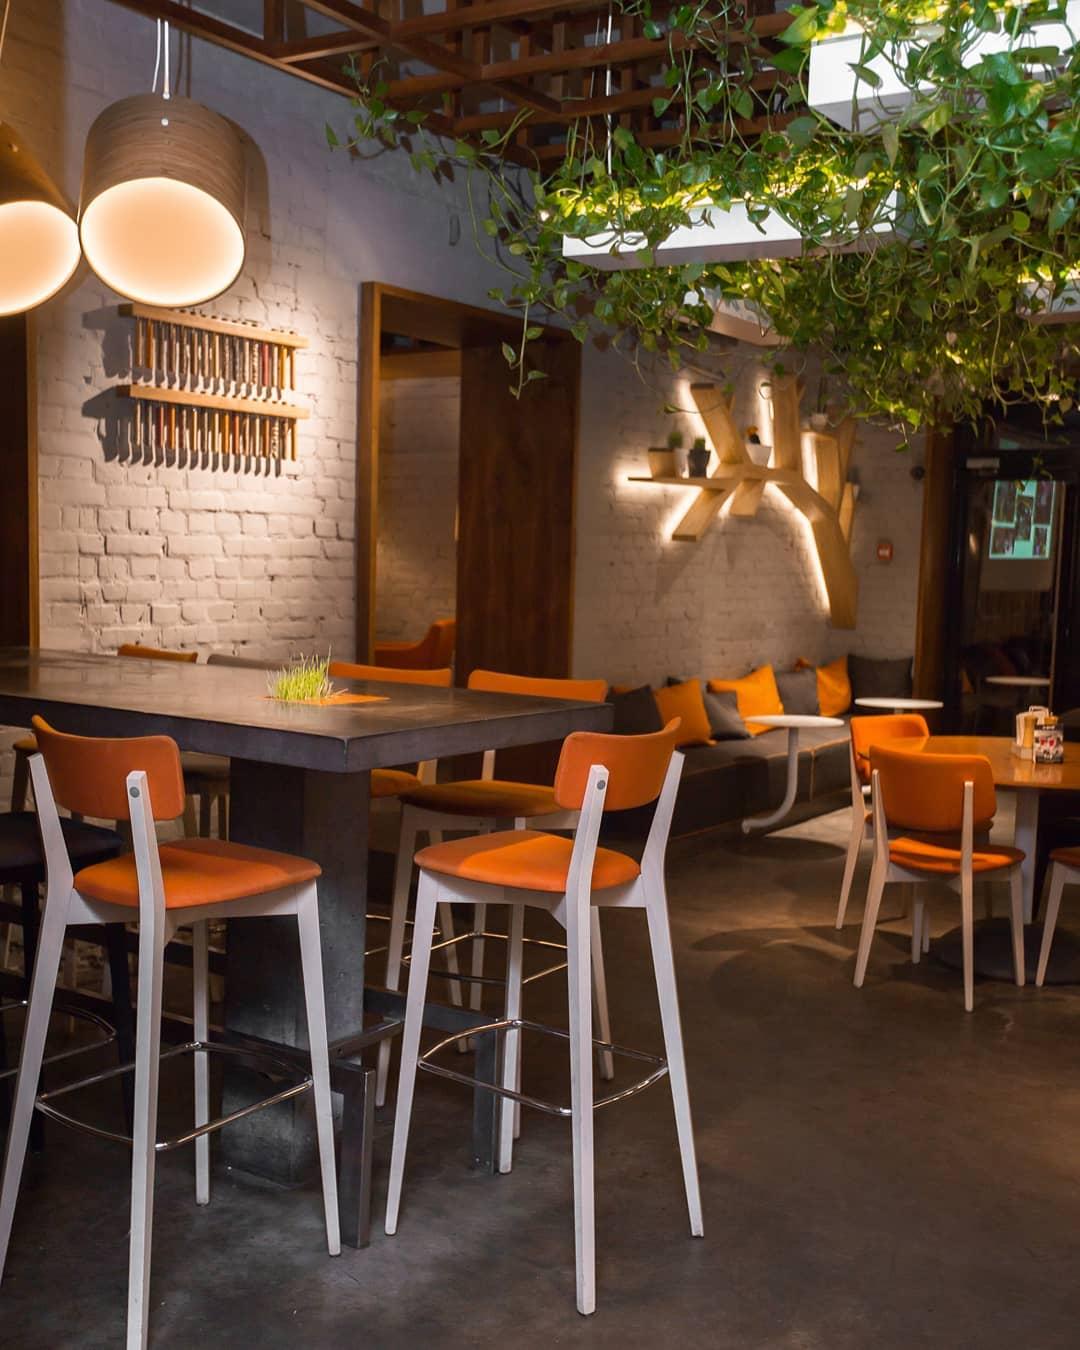 Фото: Сім'я ресторанів La Spezia